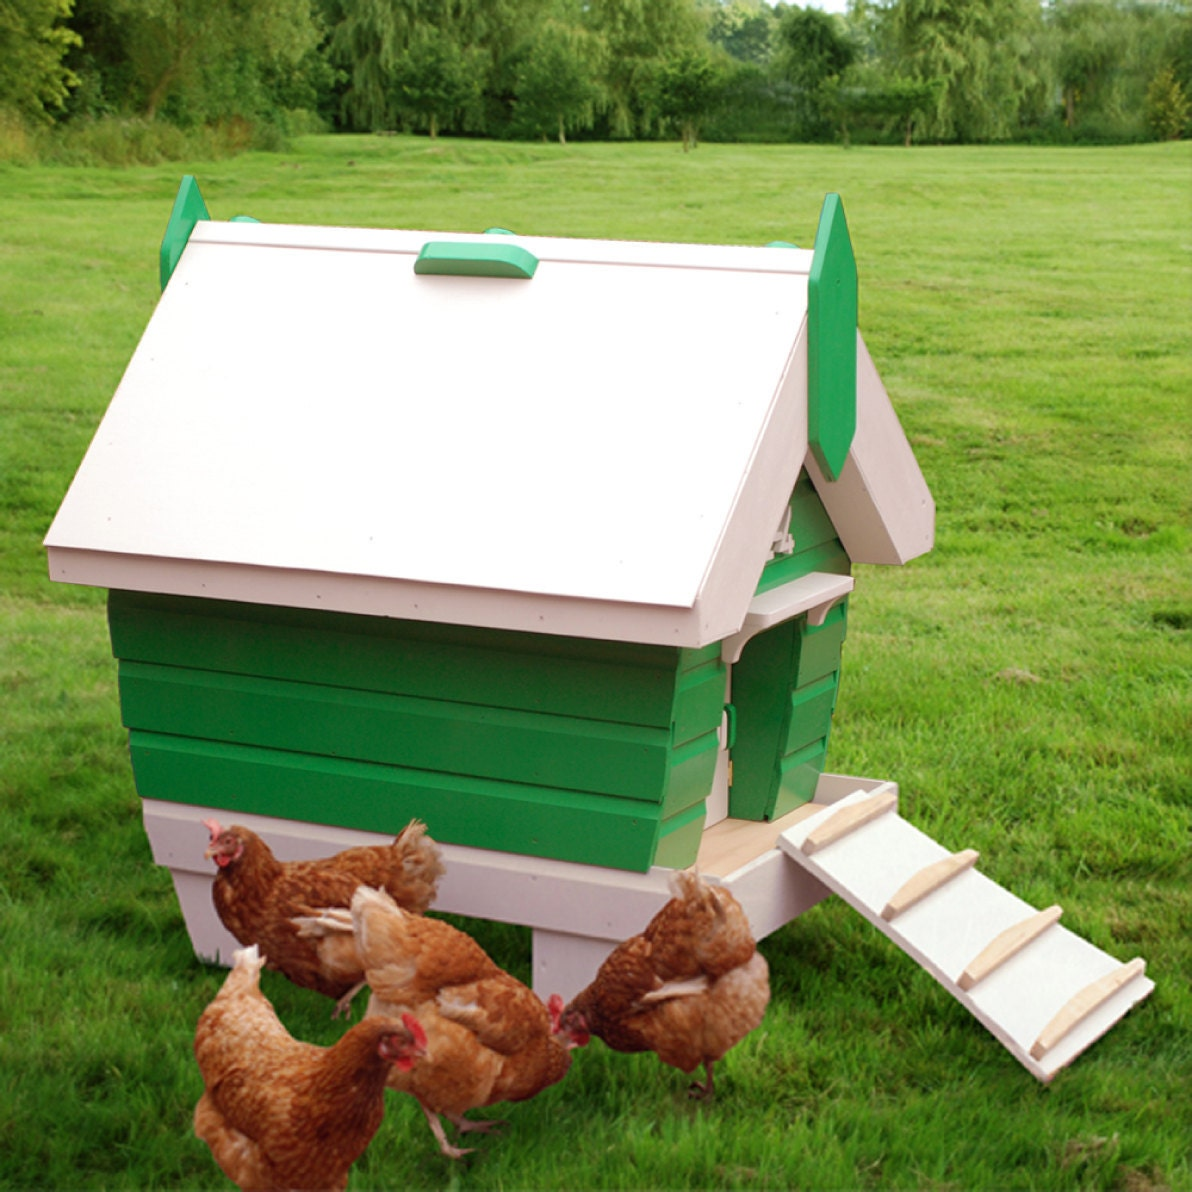 Beachhutchy 2 5 Chicken Coop Plans Pdf Mm Meters Version